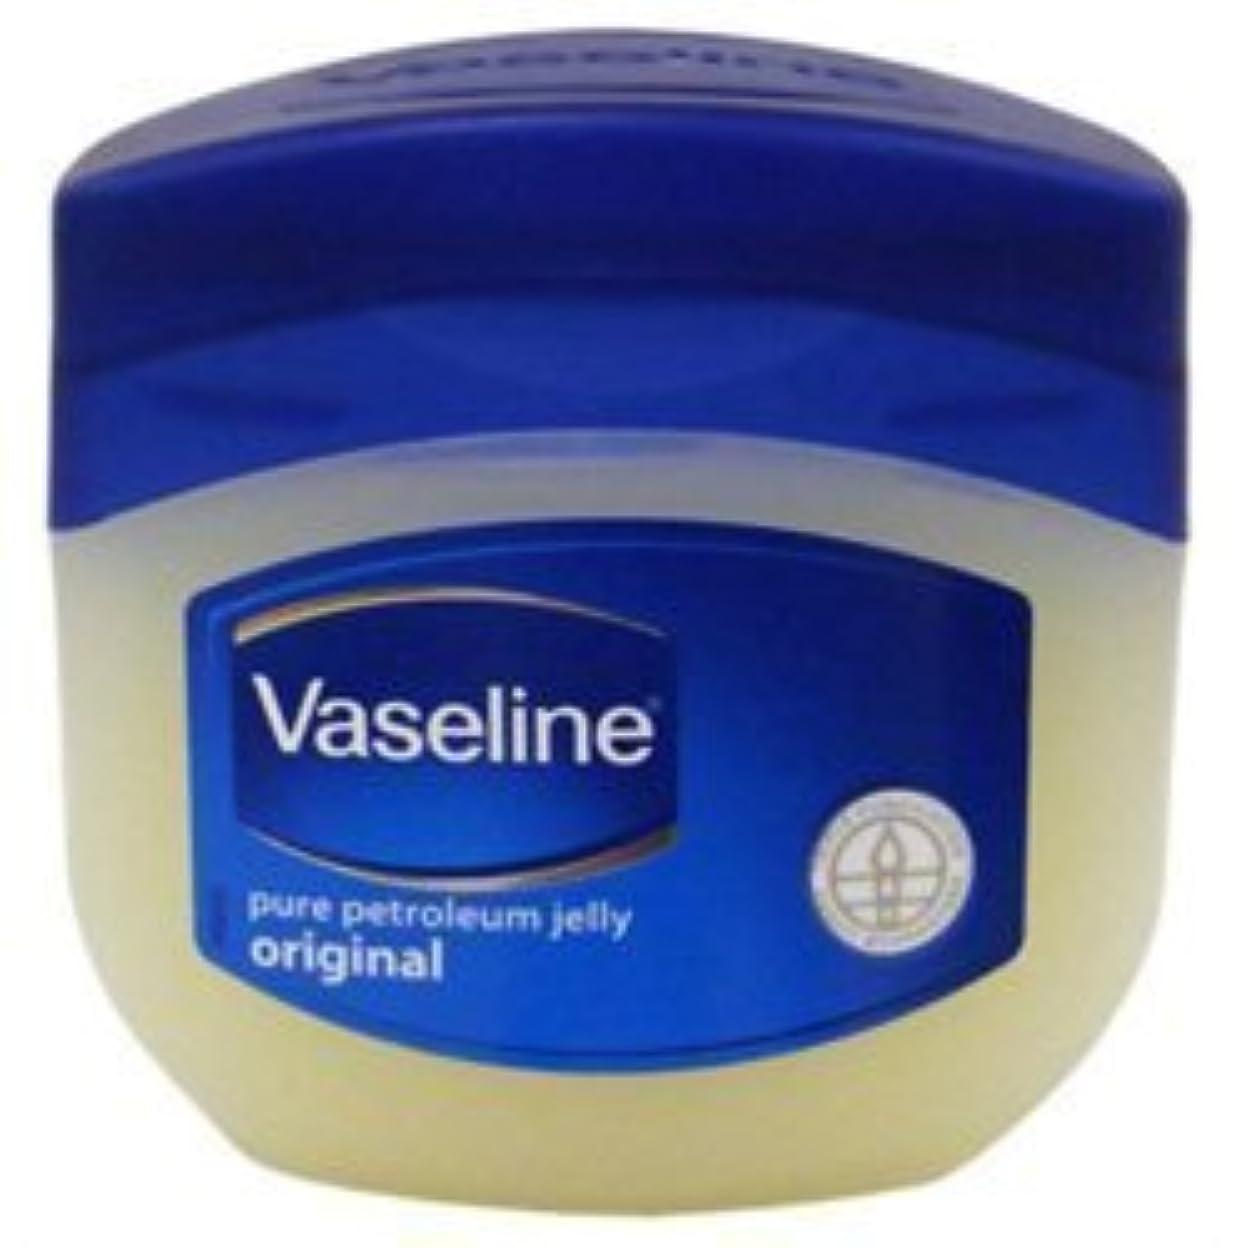 生き物心理的に明るい【Vaseline】ヴァセリン ピュアスキンジェリー (スキンオイル) 80g ×10個セット